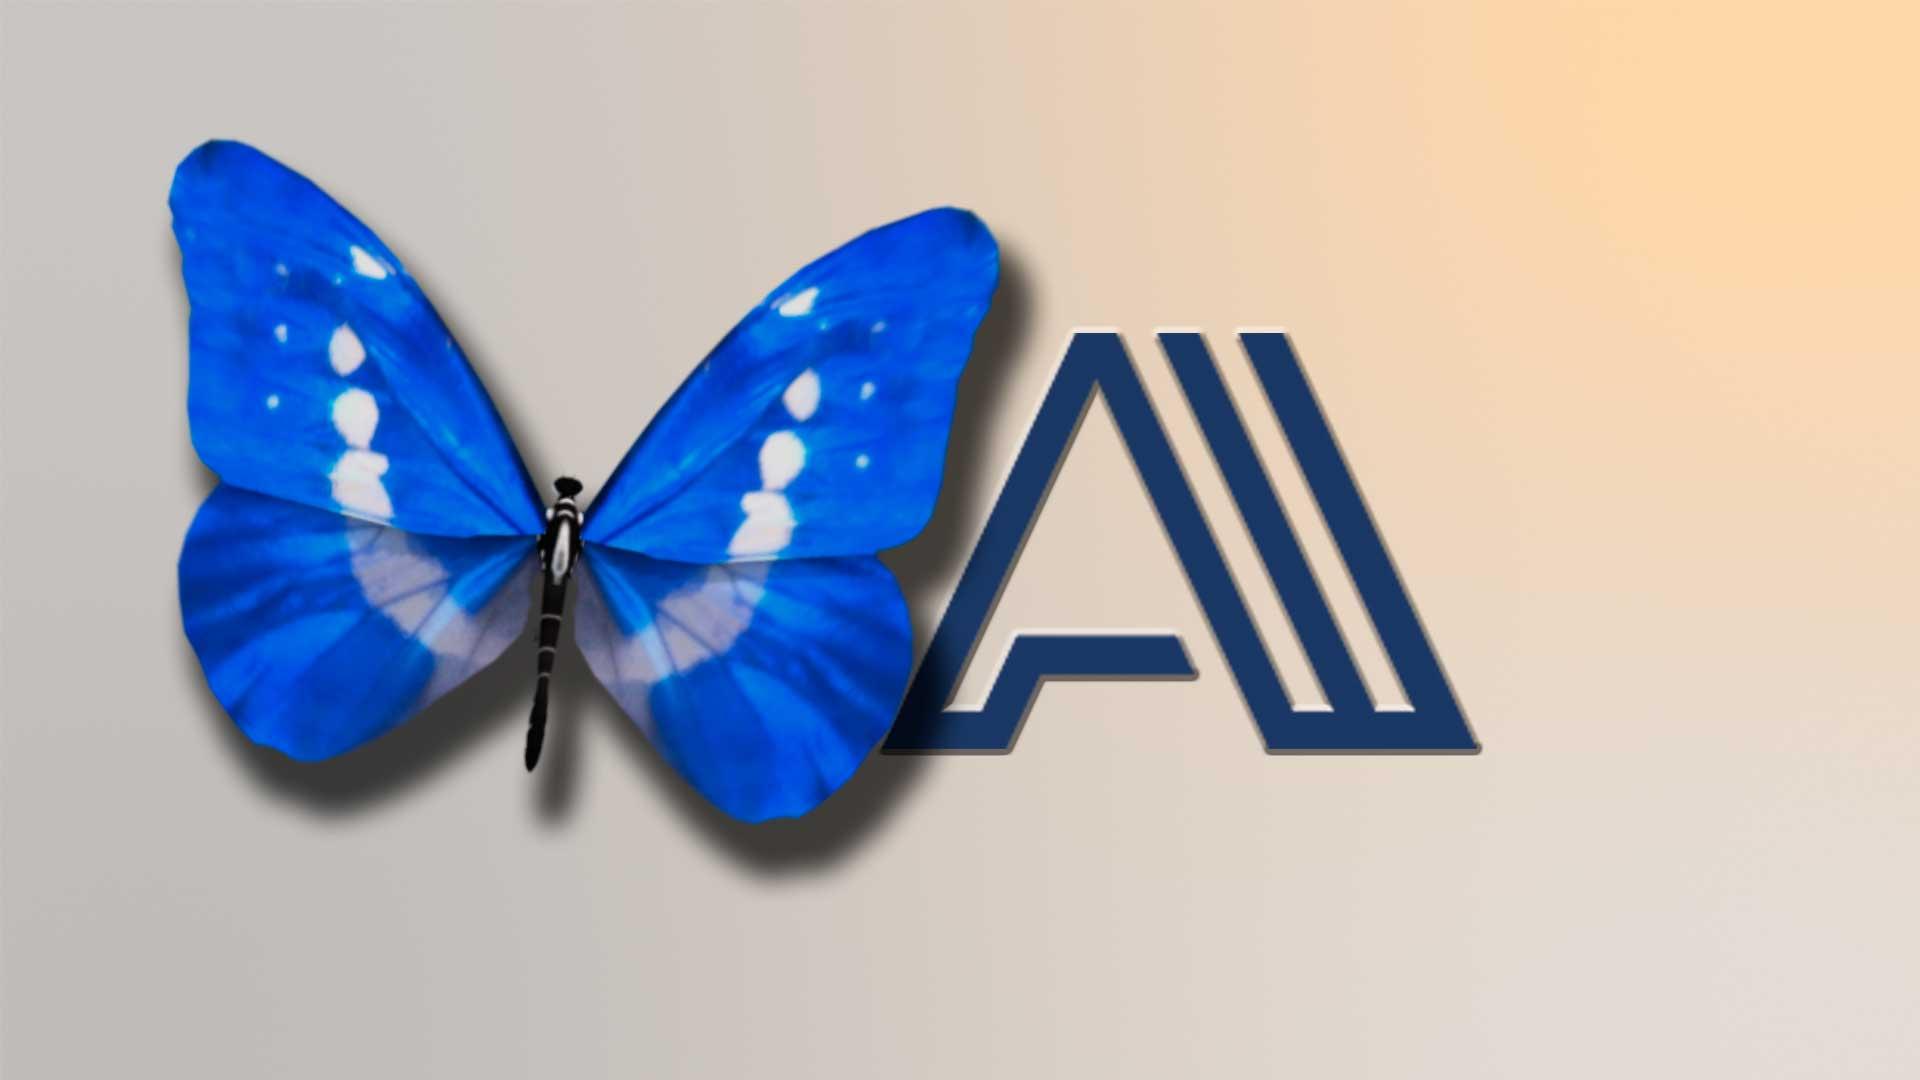 LOGO-MARIPOSA-–-Animaciones-de-logotipo-con-mariposas